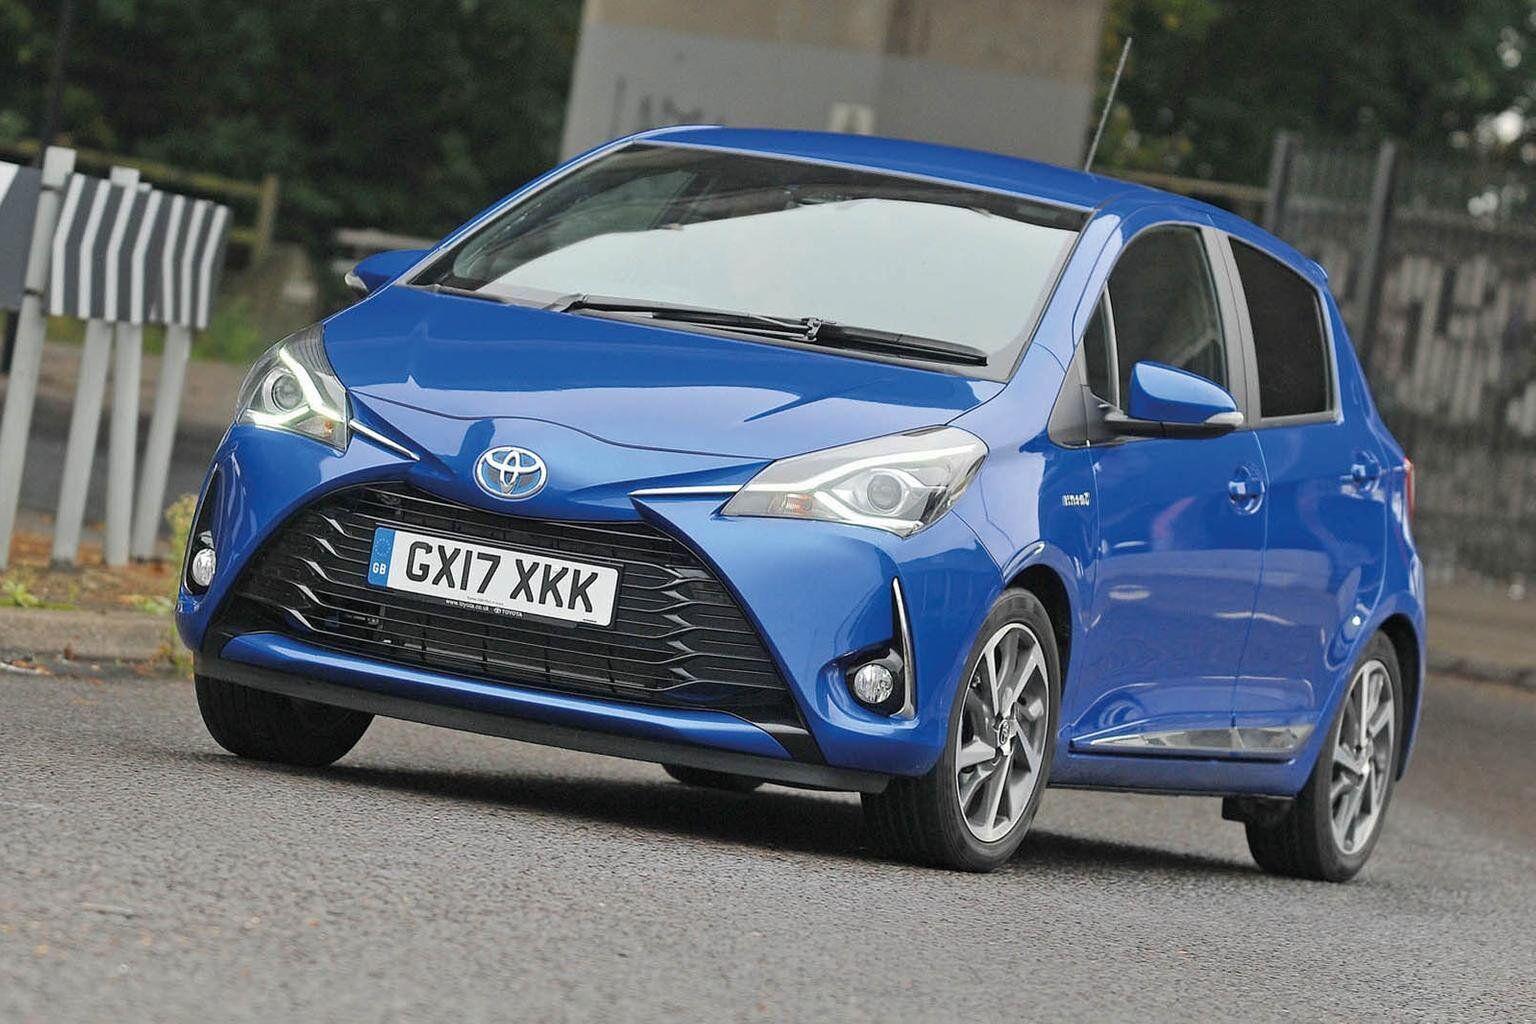 Toyota Yaris - автомобіль, який показав найбільшу надійність серед електрокарів і гібридів